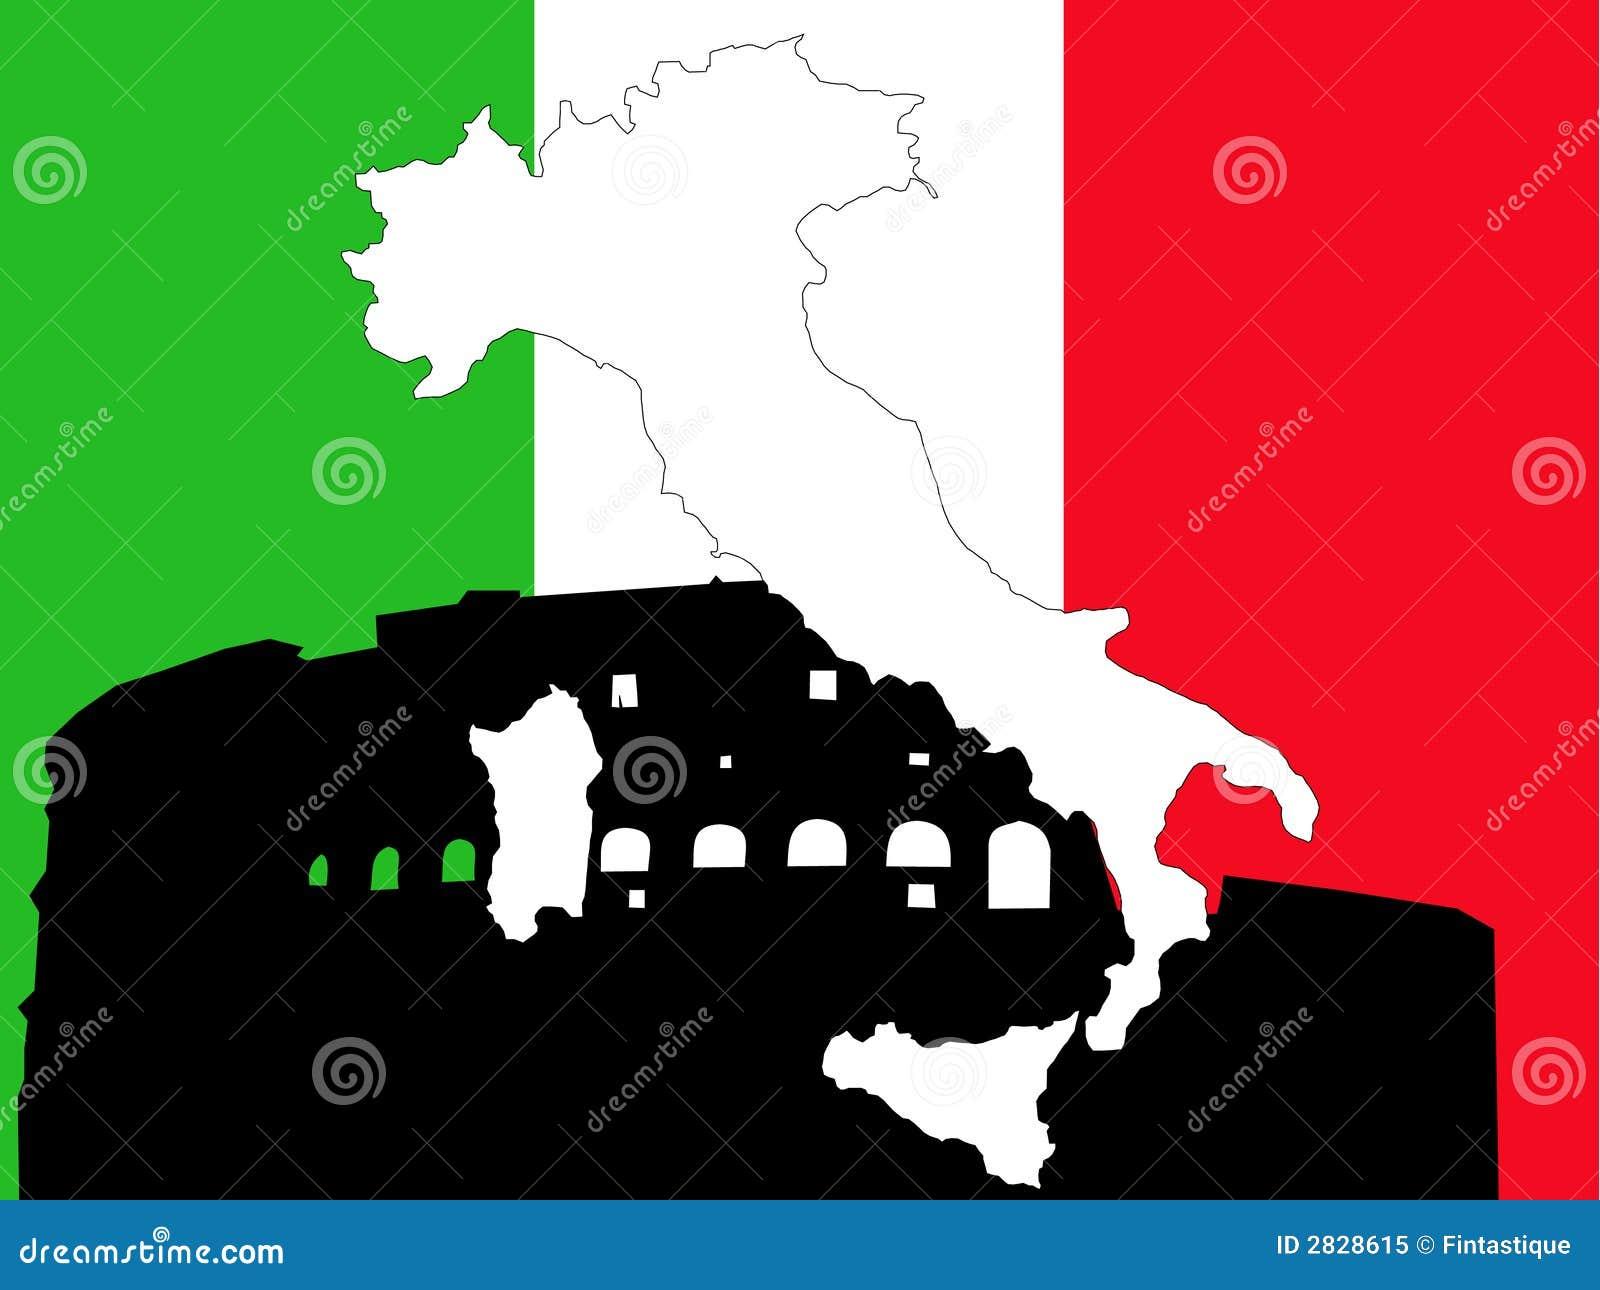 Kaart van Italië op Italiaanse vlag